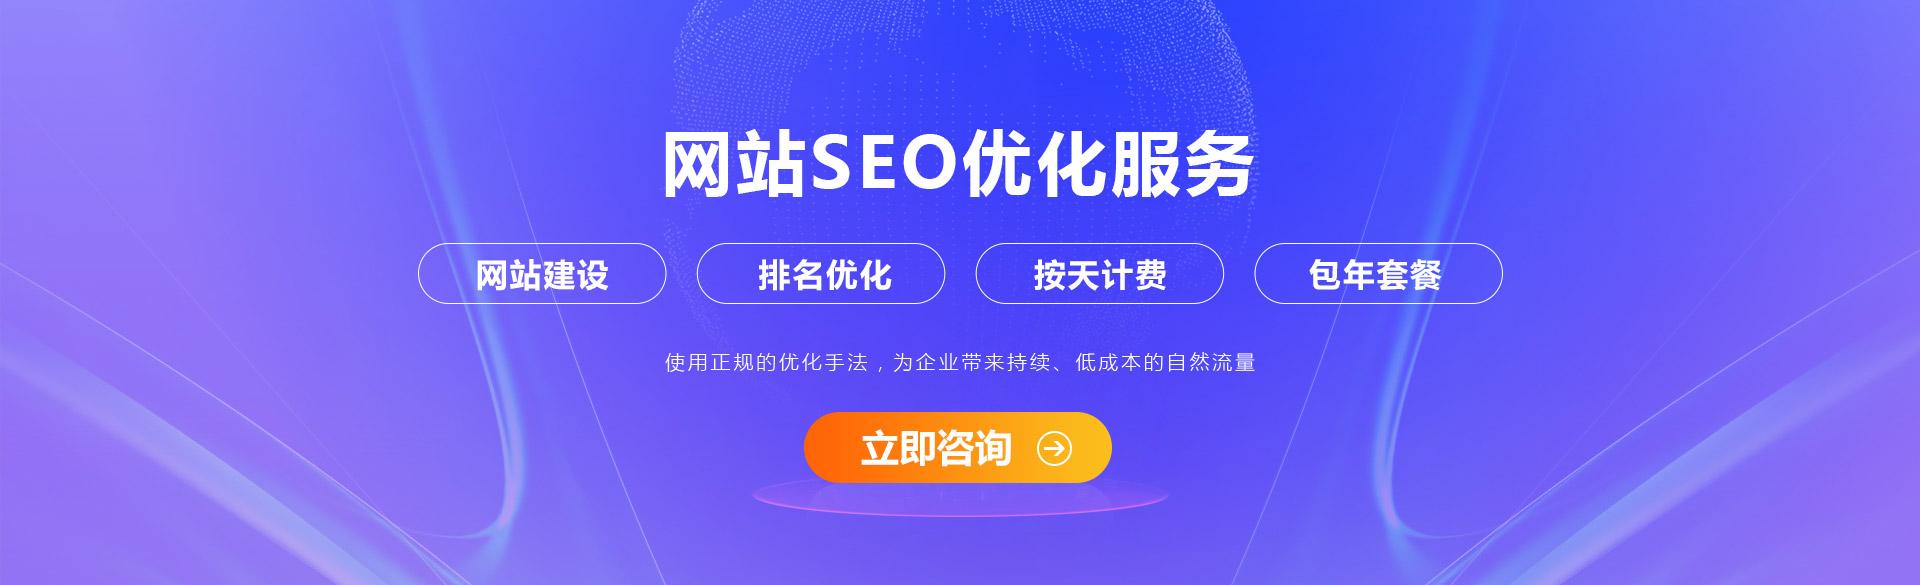 营销网站建设的首页设计